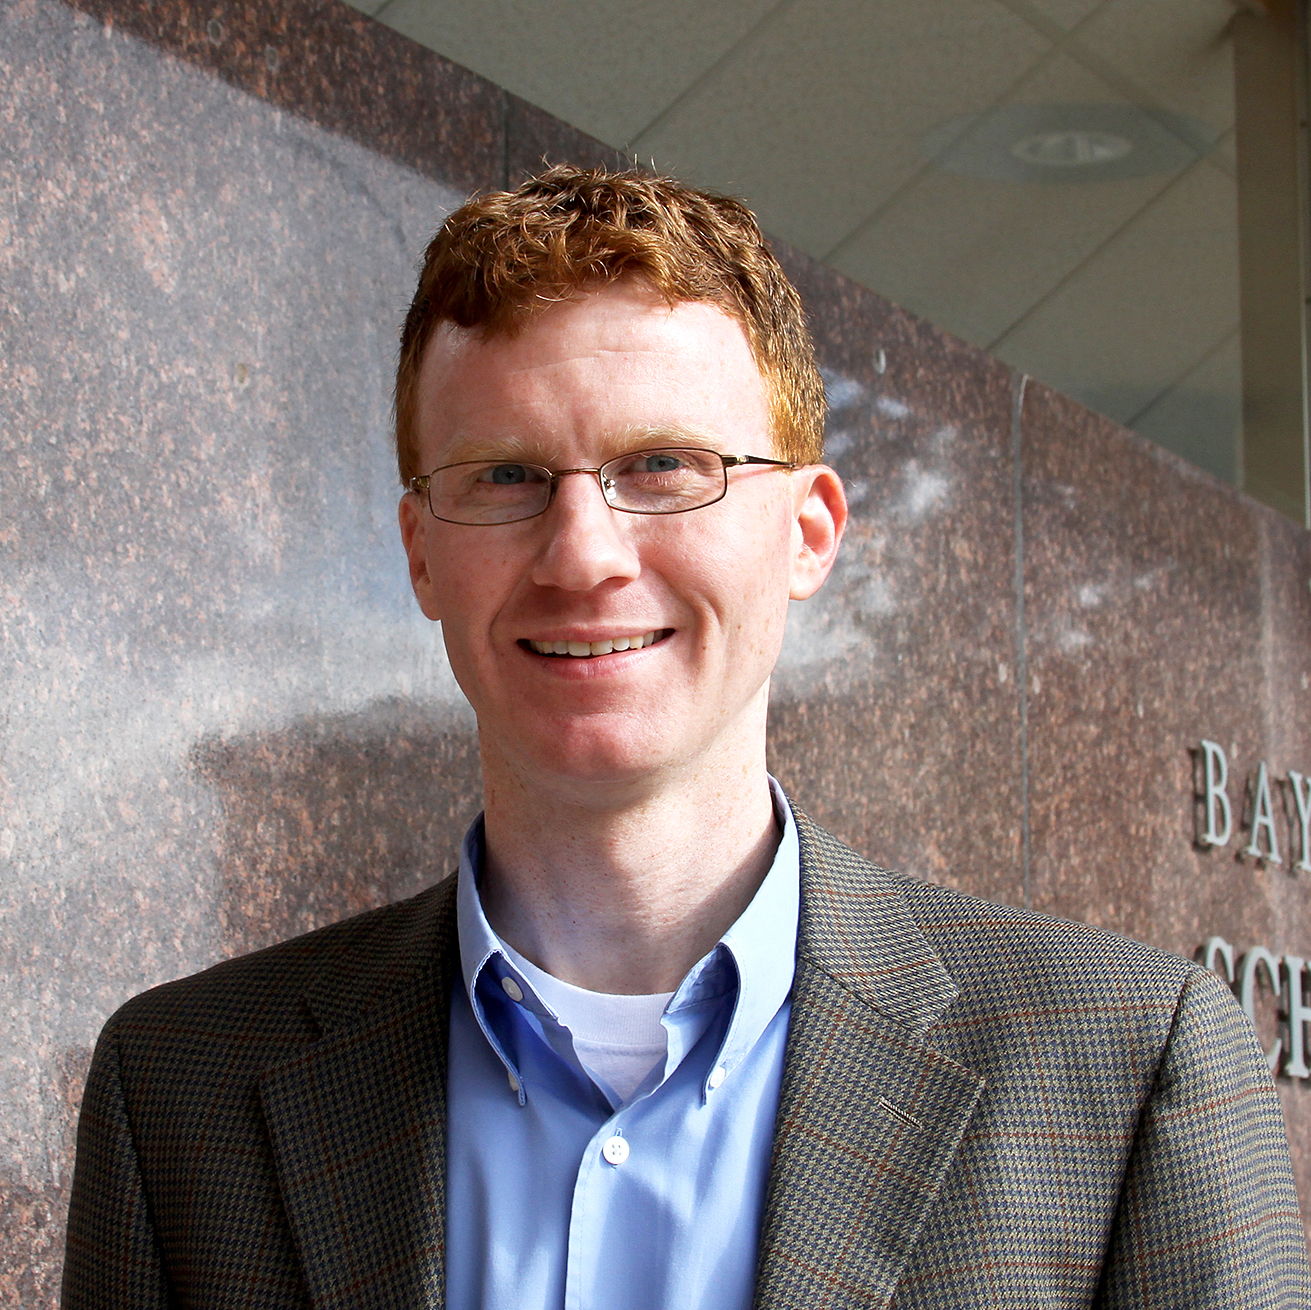 E. Clay Polson